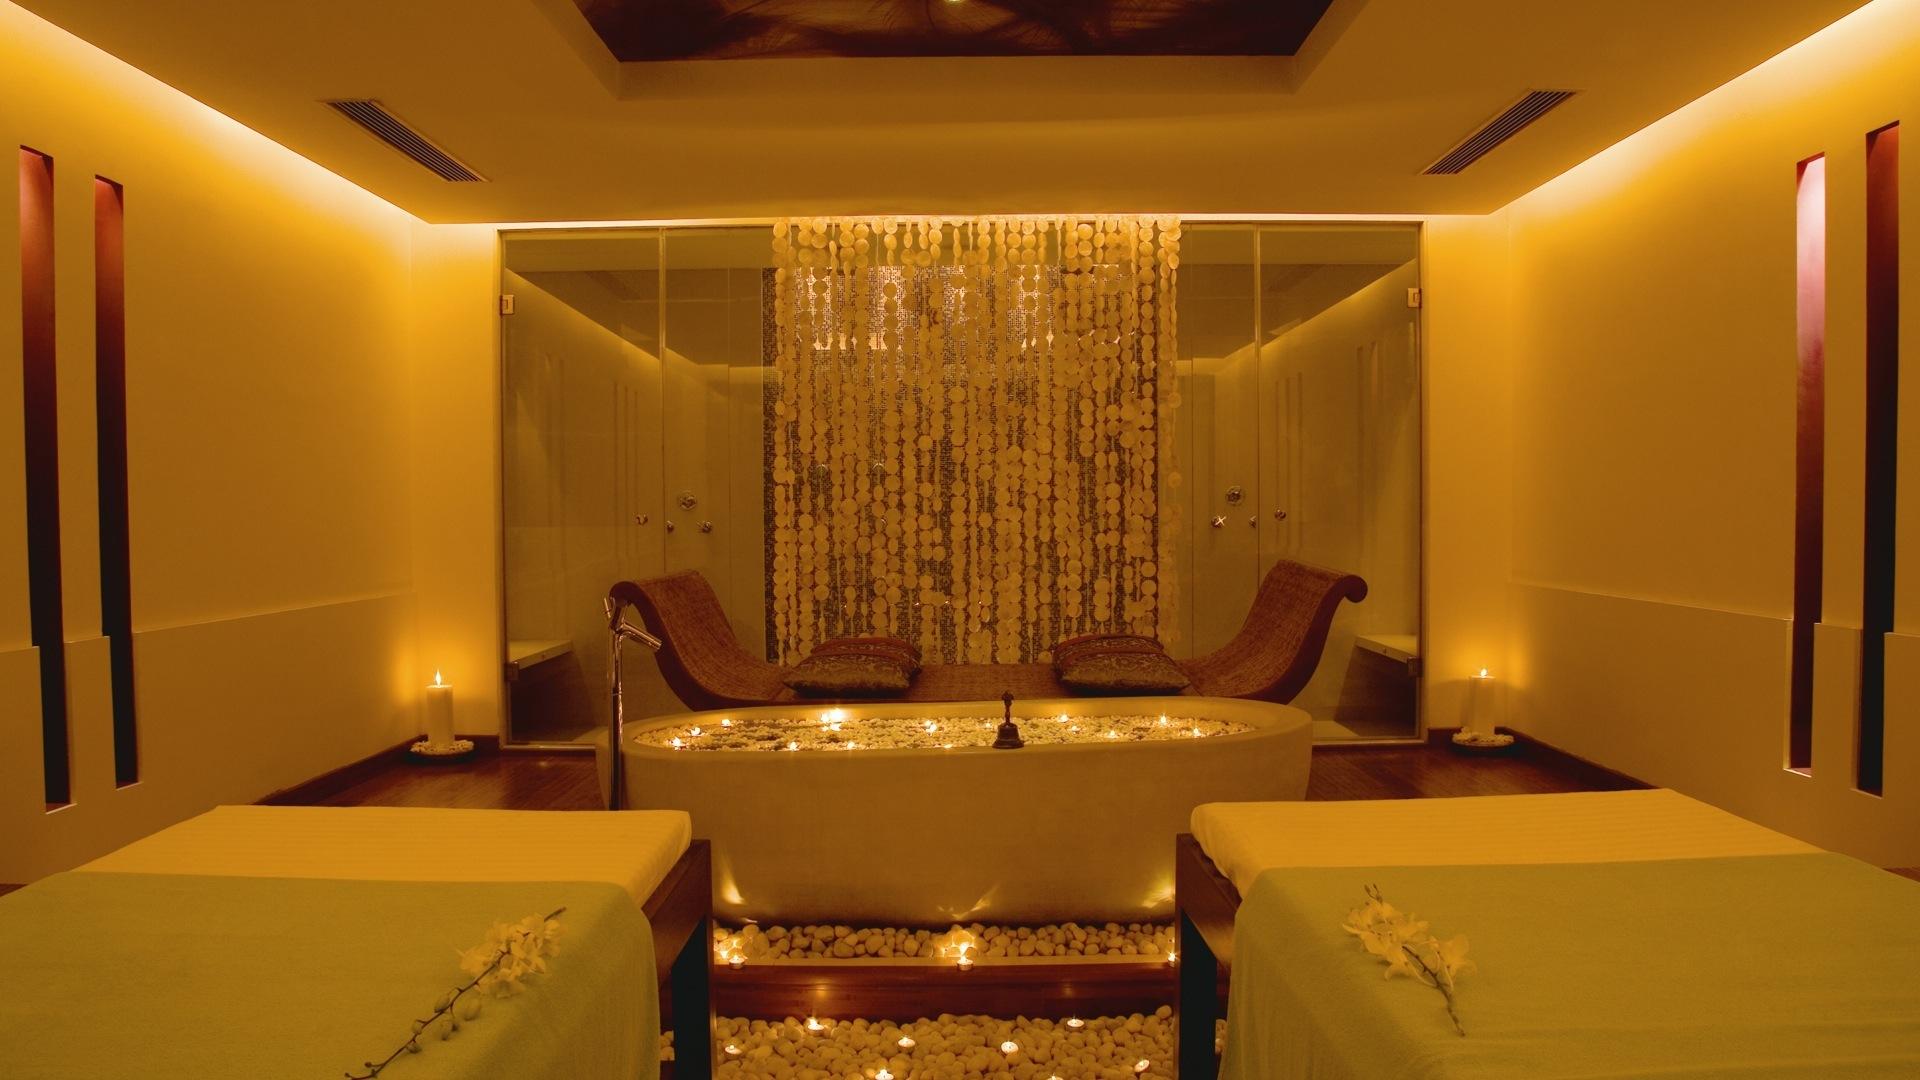 Spa & salon deals in mumbai